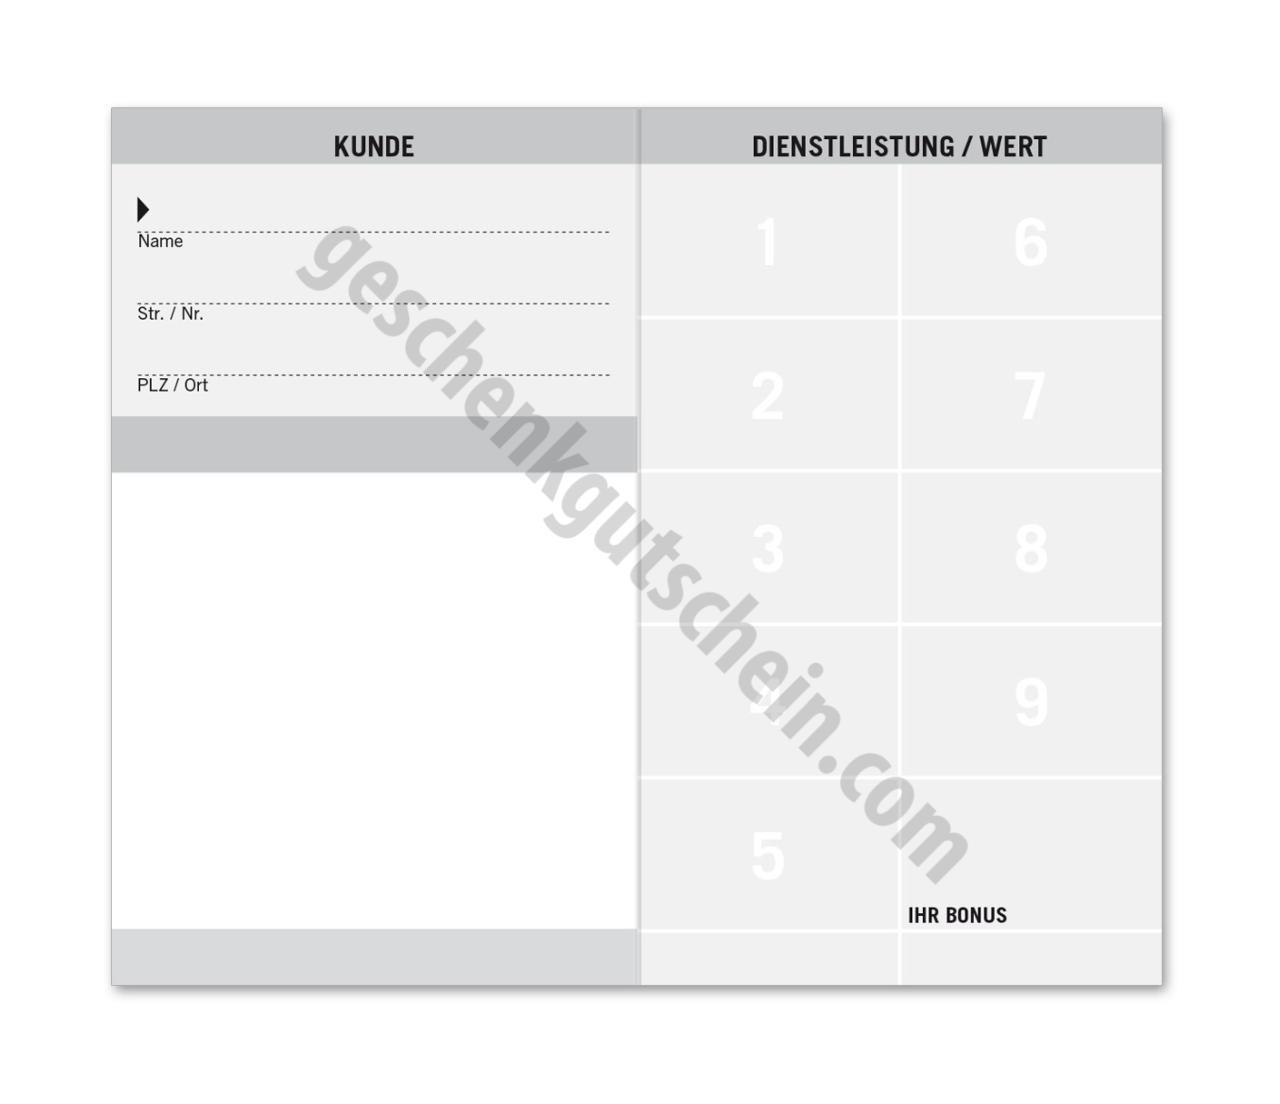 K591 Kundenkarte 9FD   Geschenkgutschein.com - Mit den schönsten ...